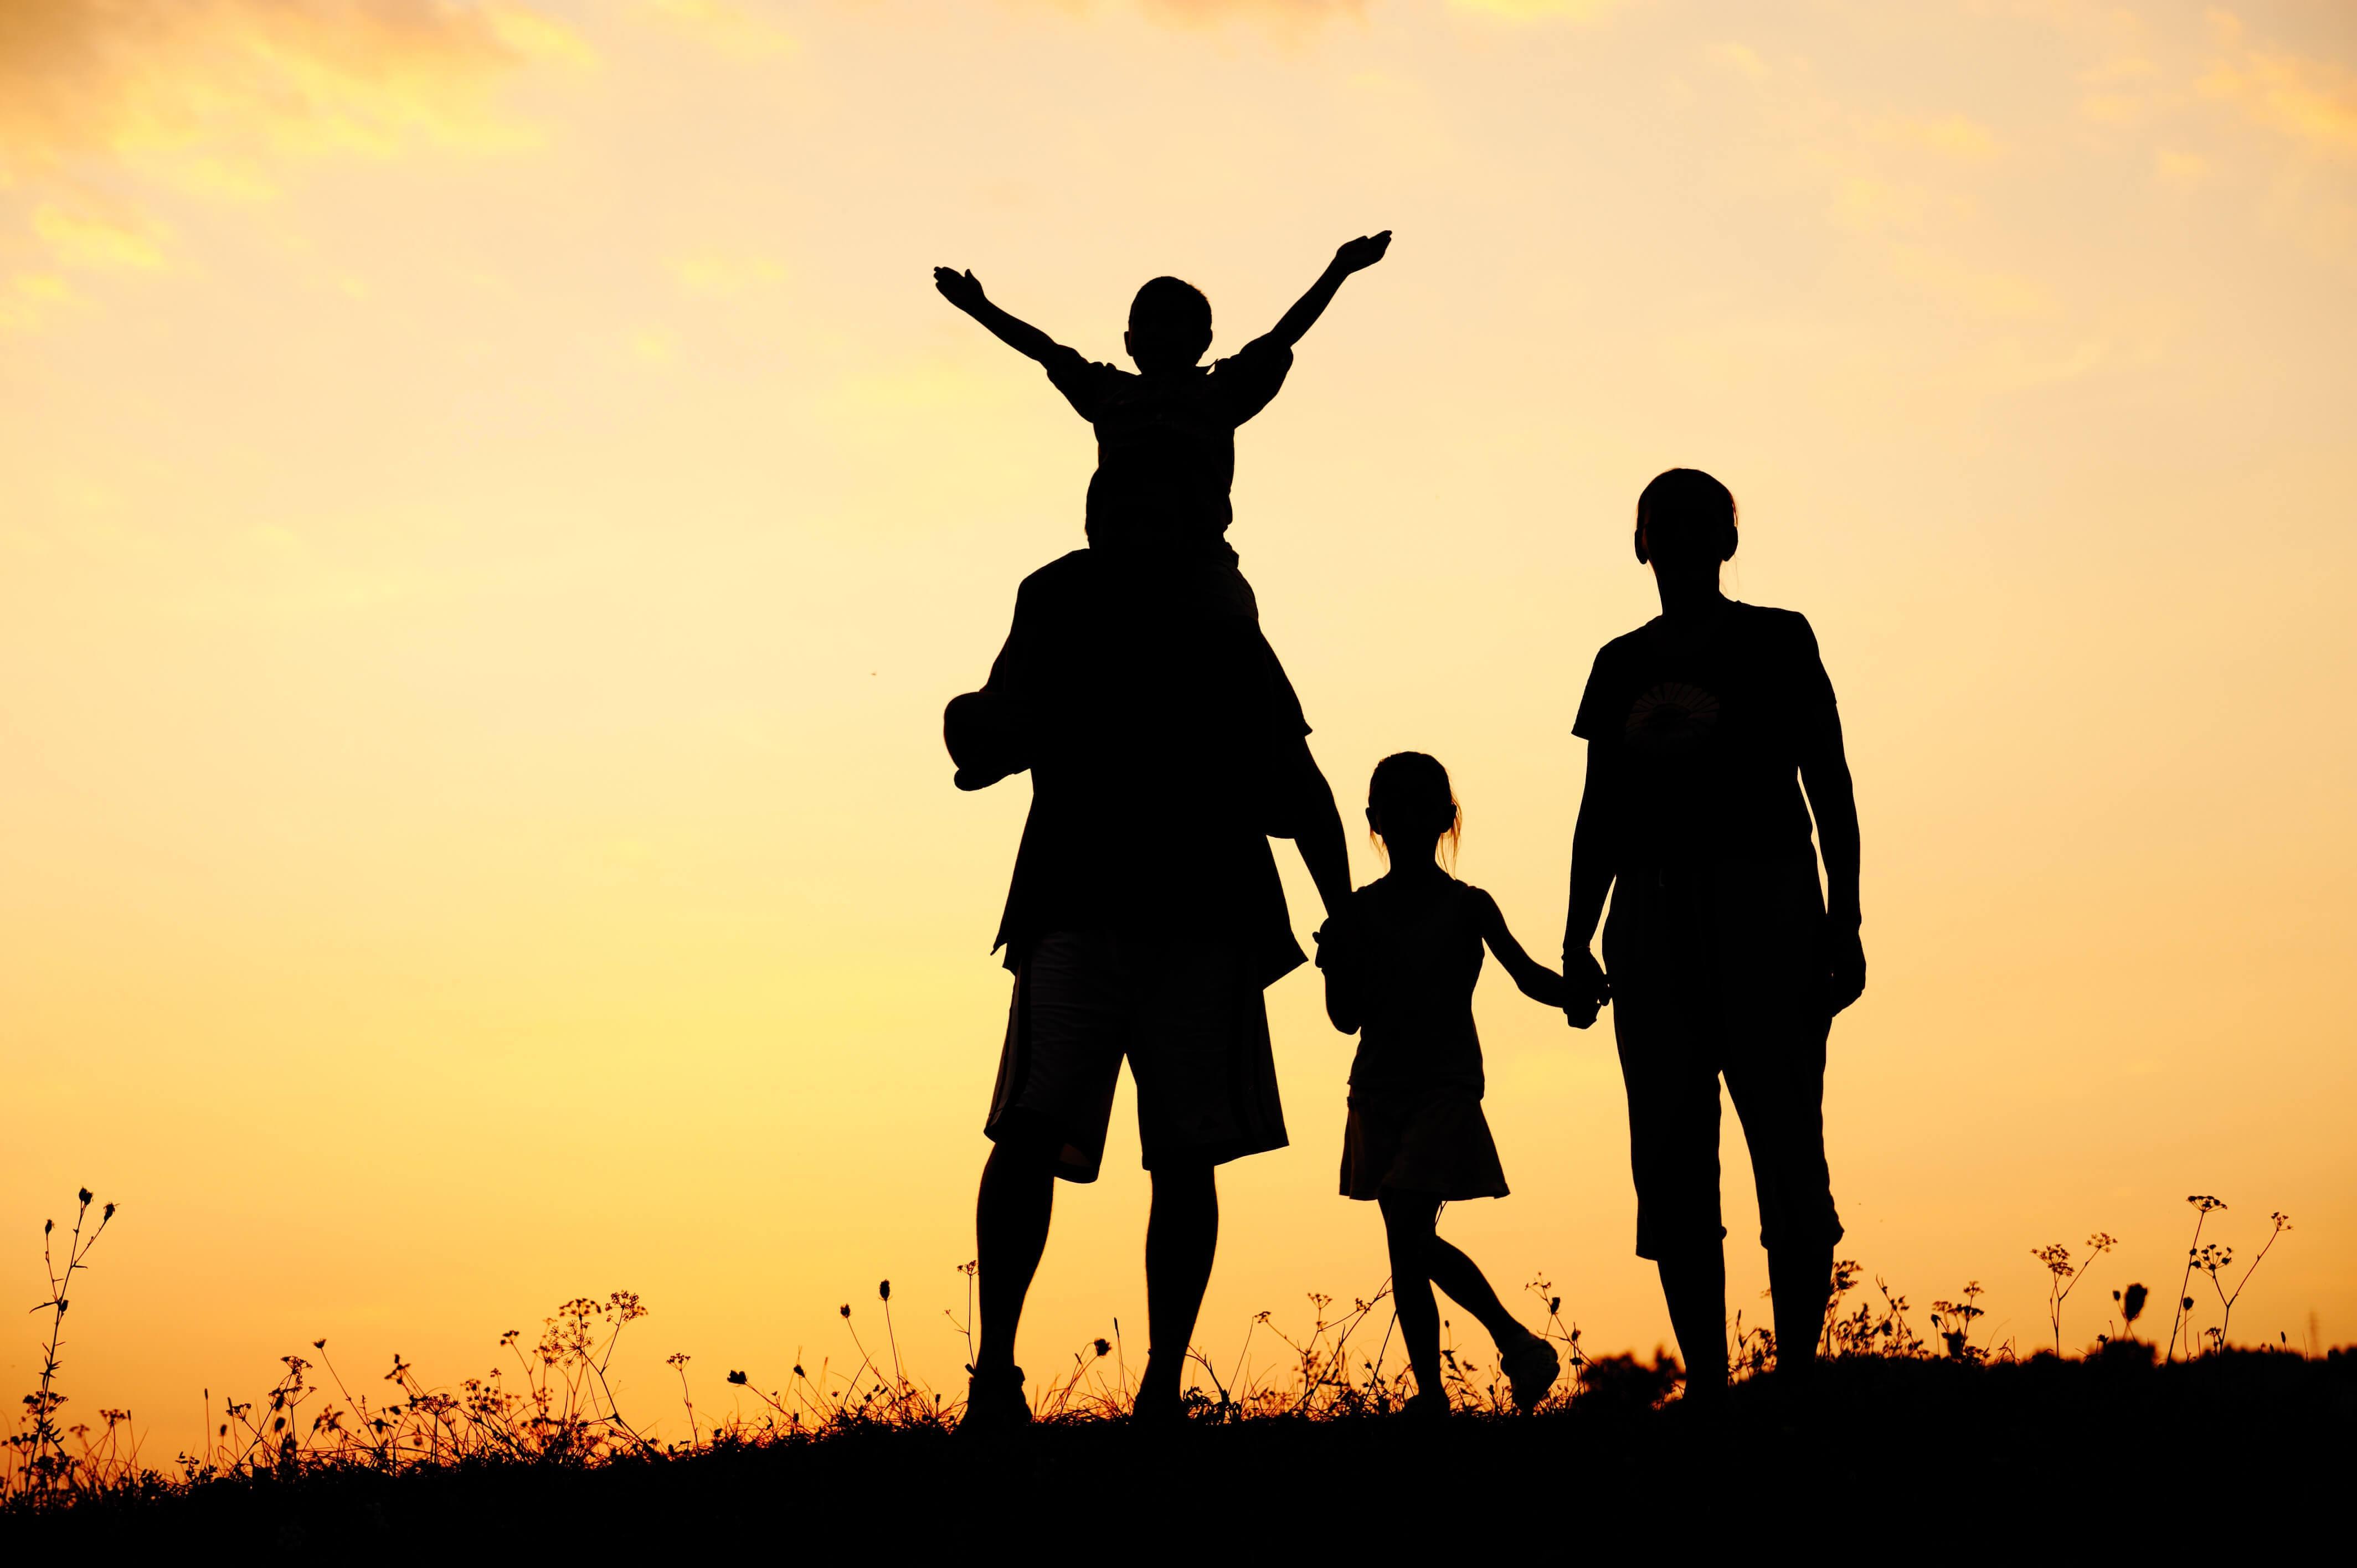 وکیل خانواده ، طلاق ، مهریه ، نفقه و اجرت المثل